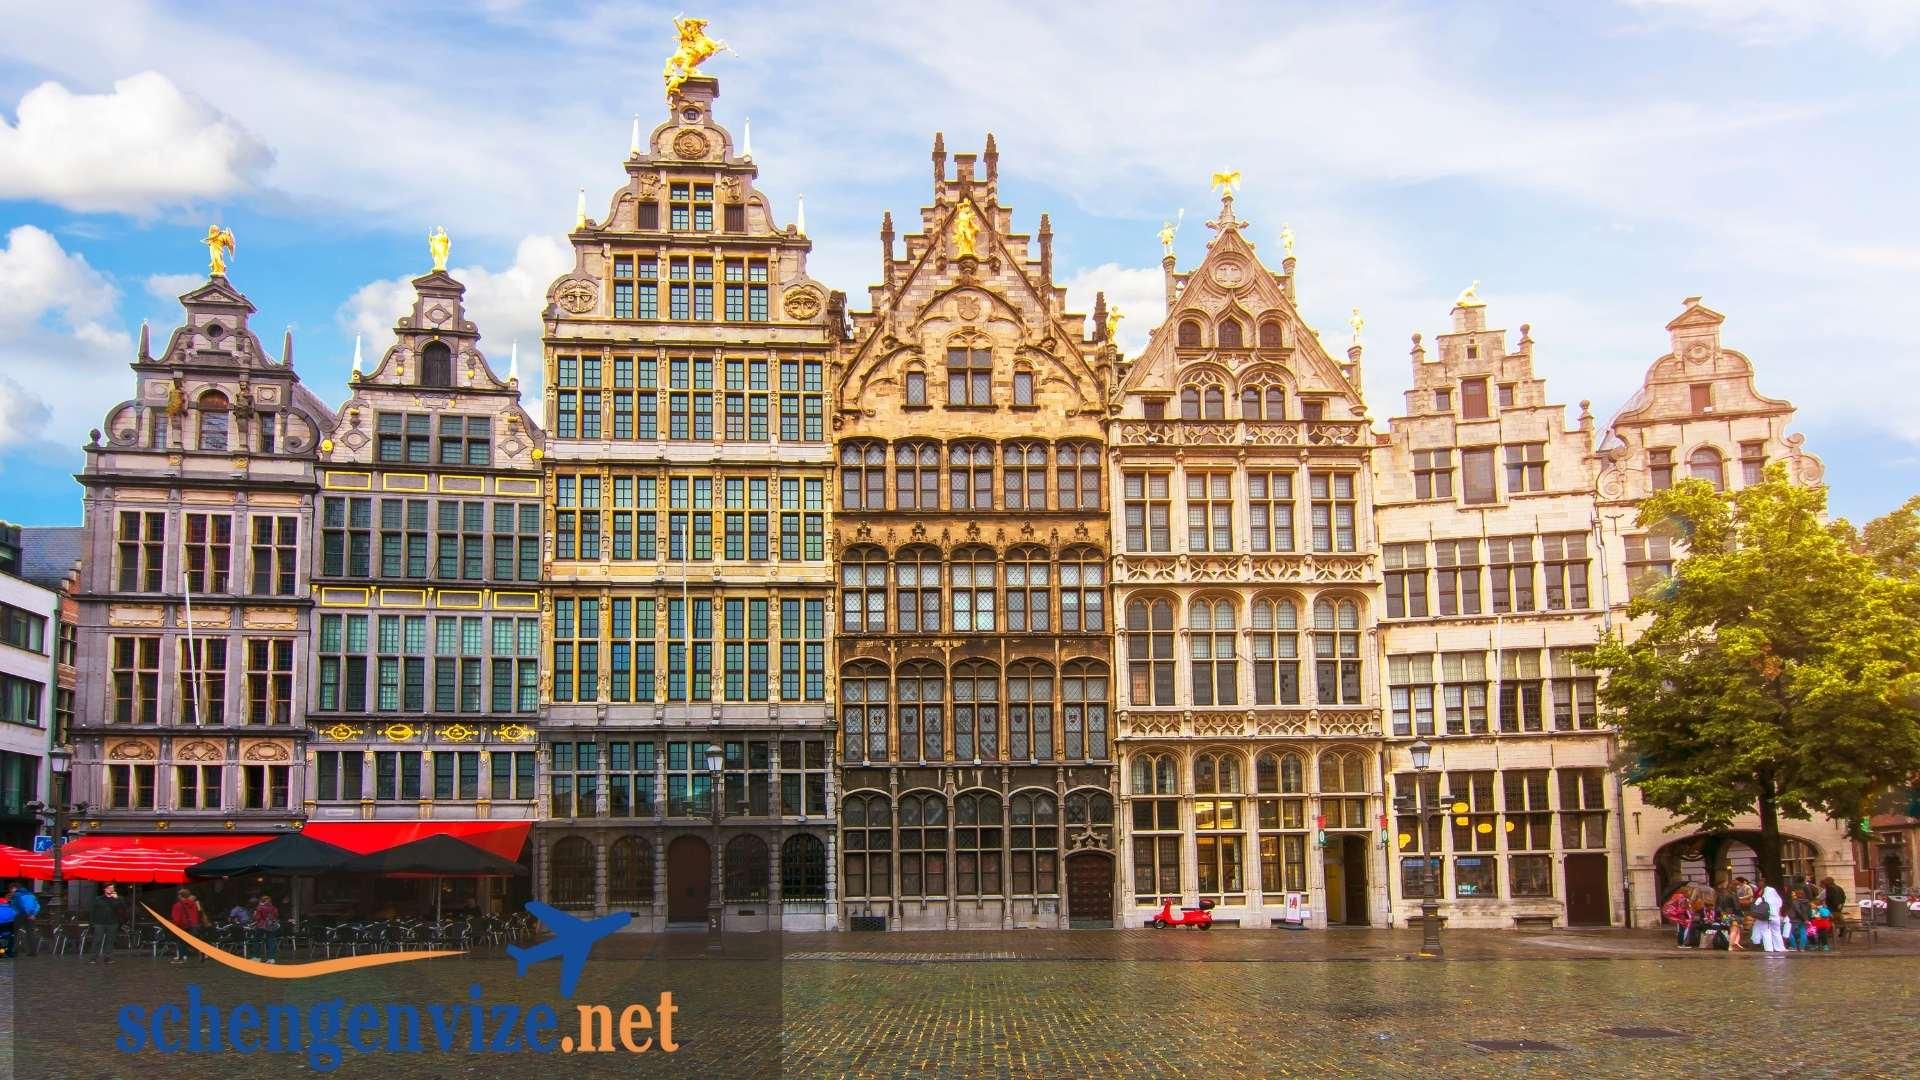 Belçika Çalışma İzni İçin Gerekli Olan Evraklar